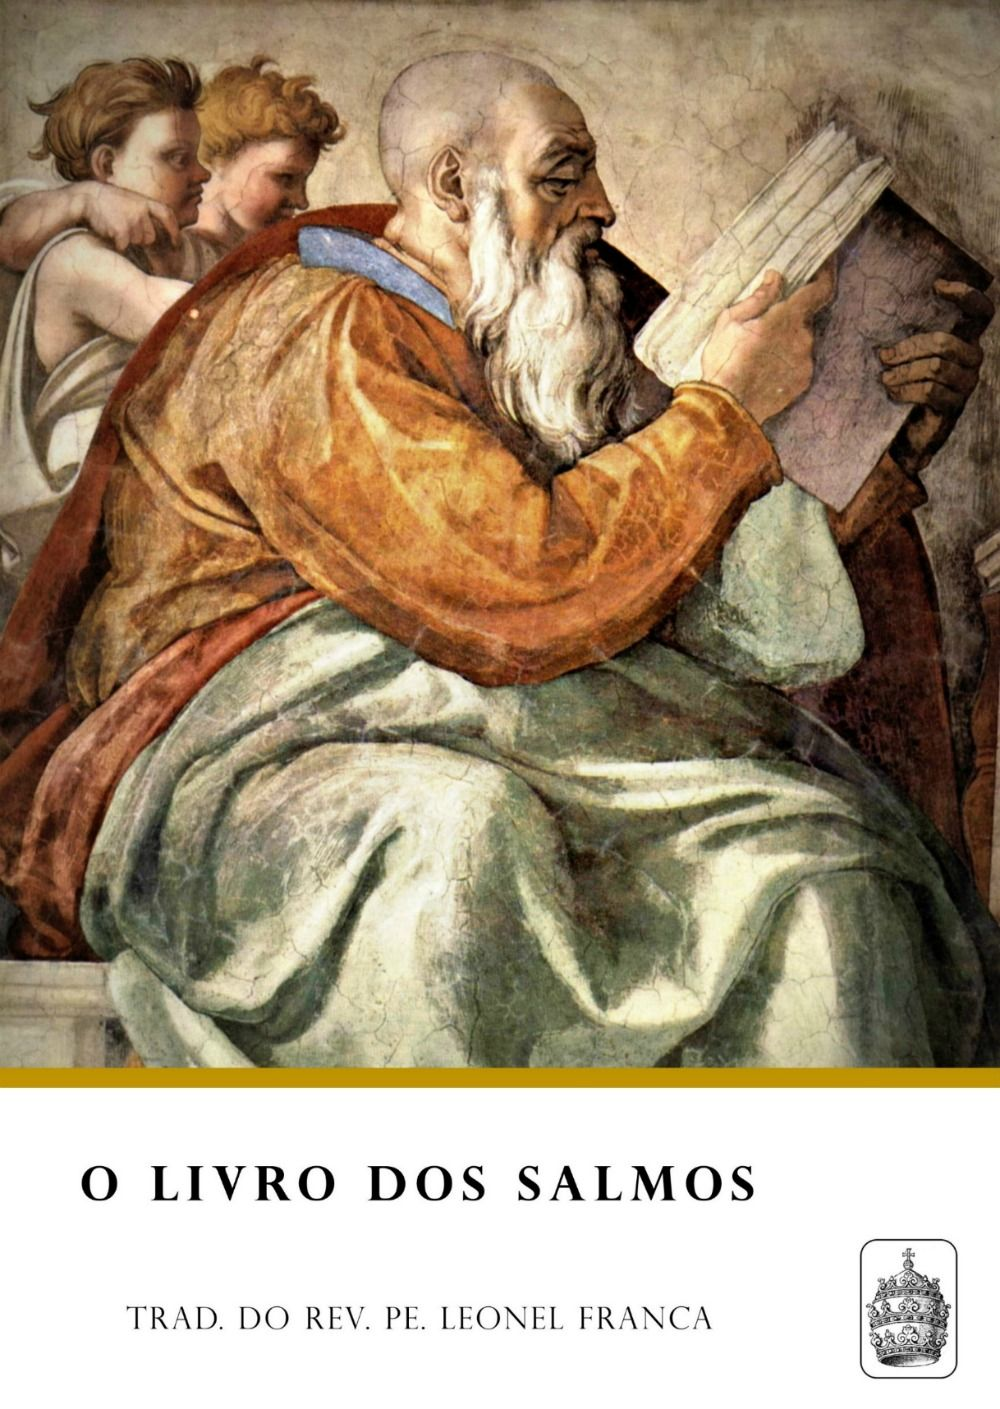 O Livro dos Salmos - Trad. do Rev. Pe. Leonel Franca